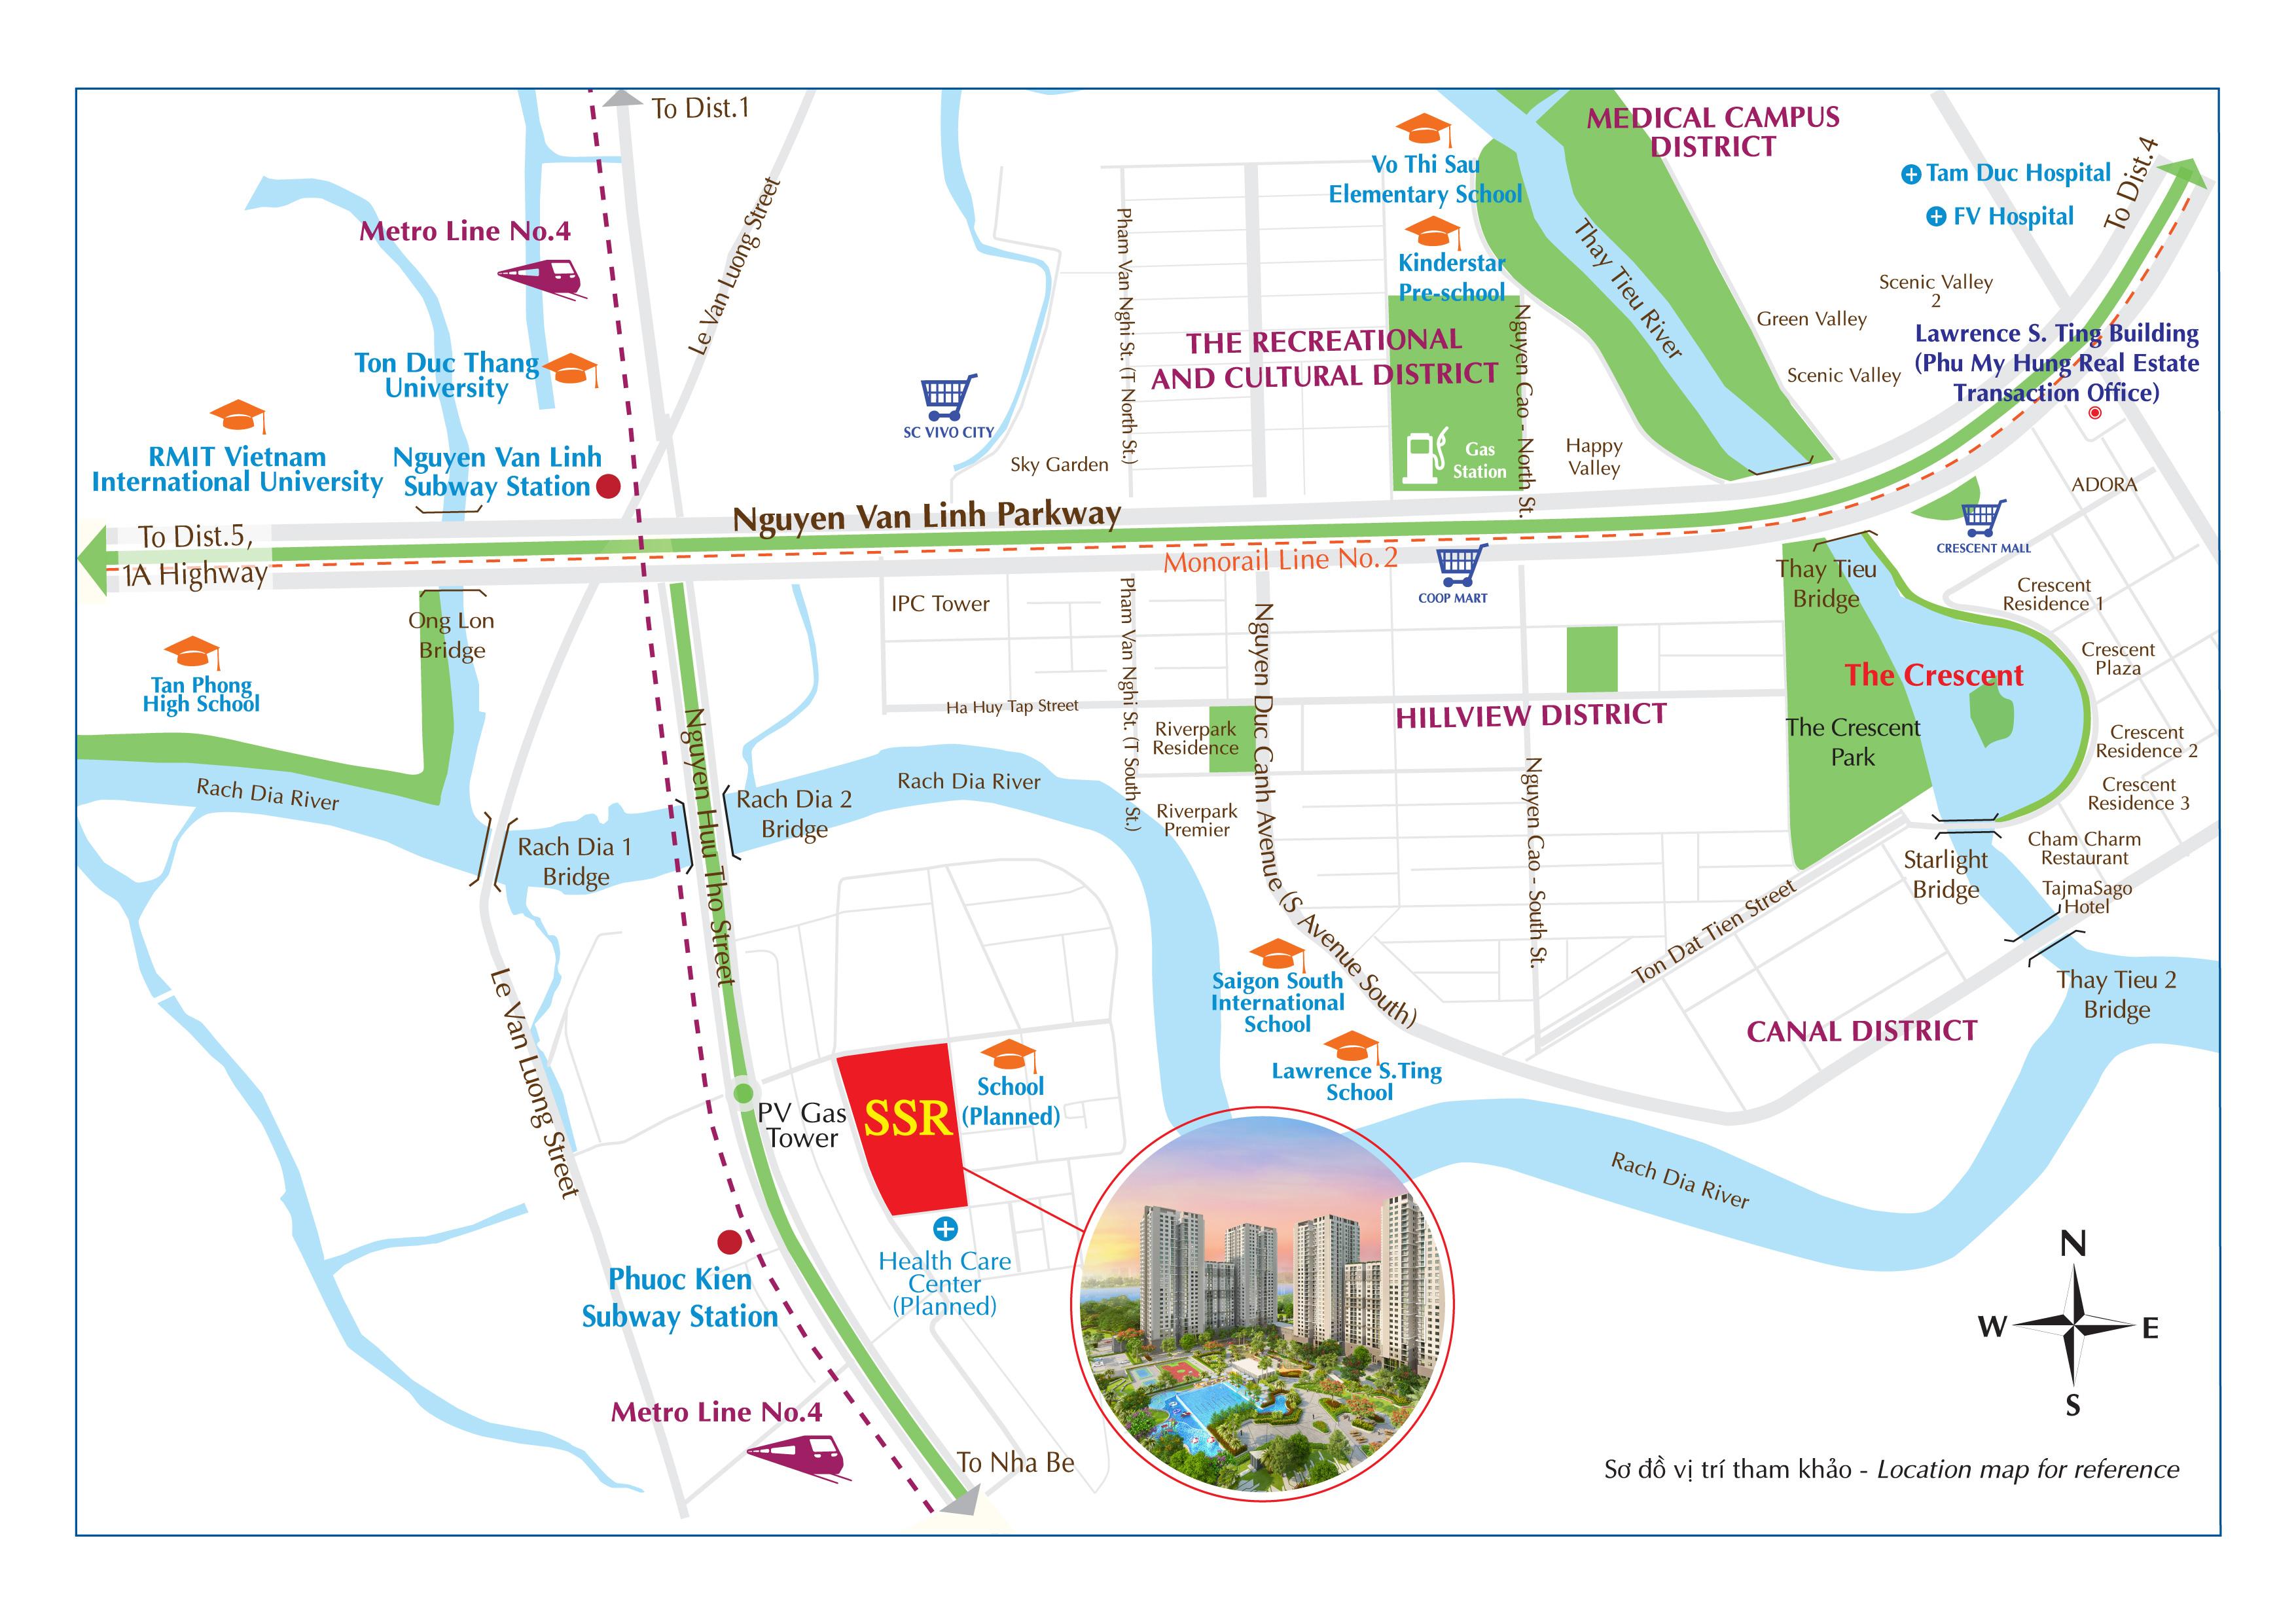 Saigon South Residences được giao nhà vào cuối năm 2019 là thời điểm nhiều công trình hạ tầng xung quanh dự án hoàn tất, tạo đòn bẩy gia tăng giá trị đáng kì vọng cho người mua.